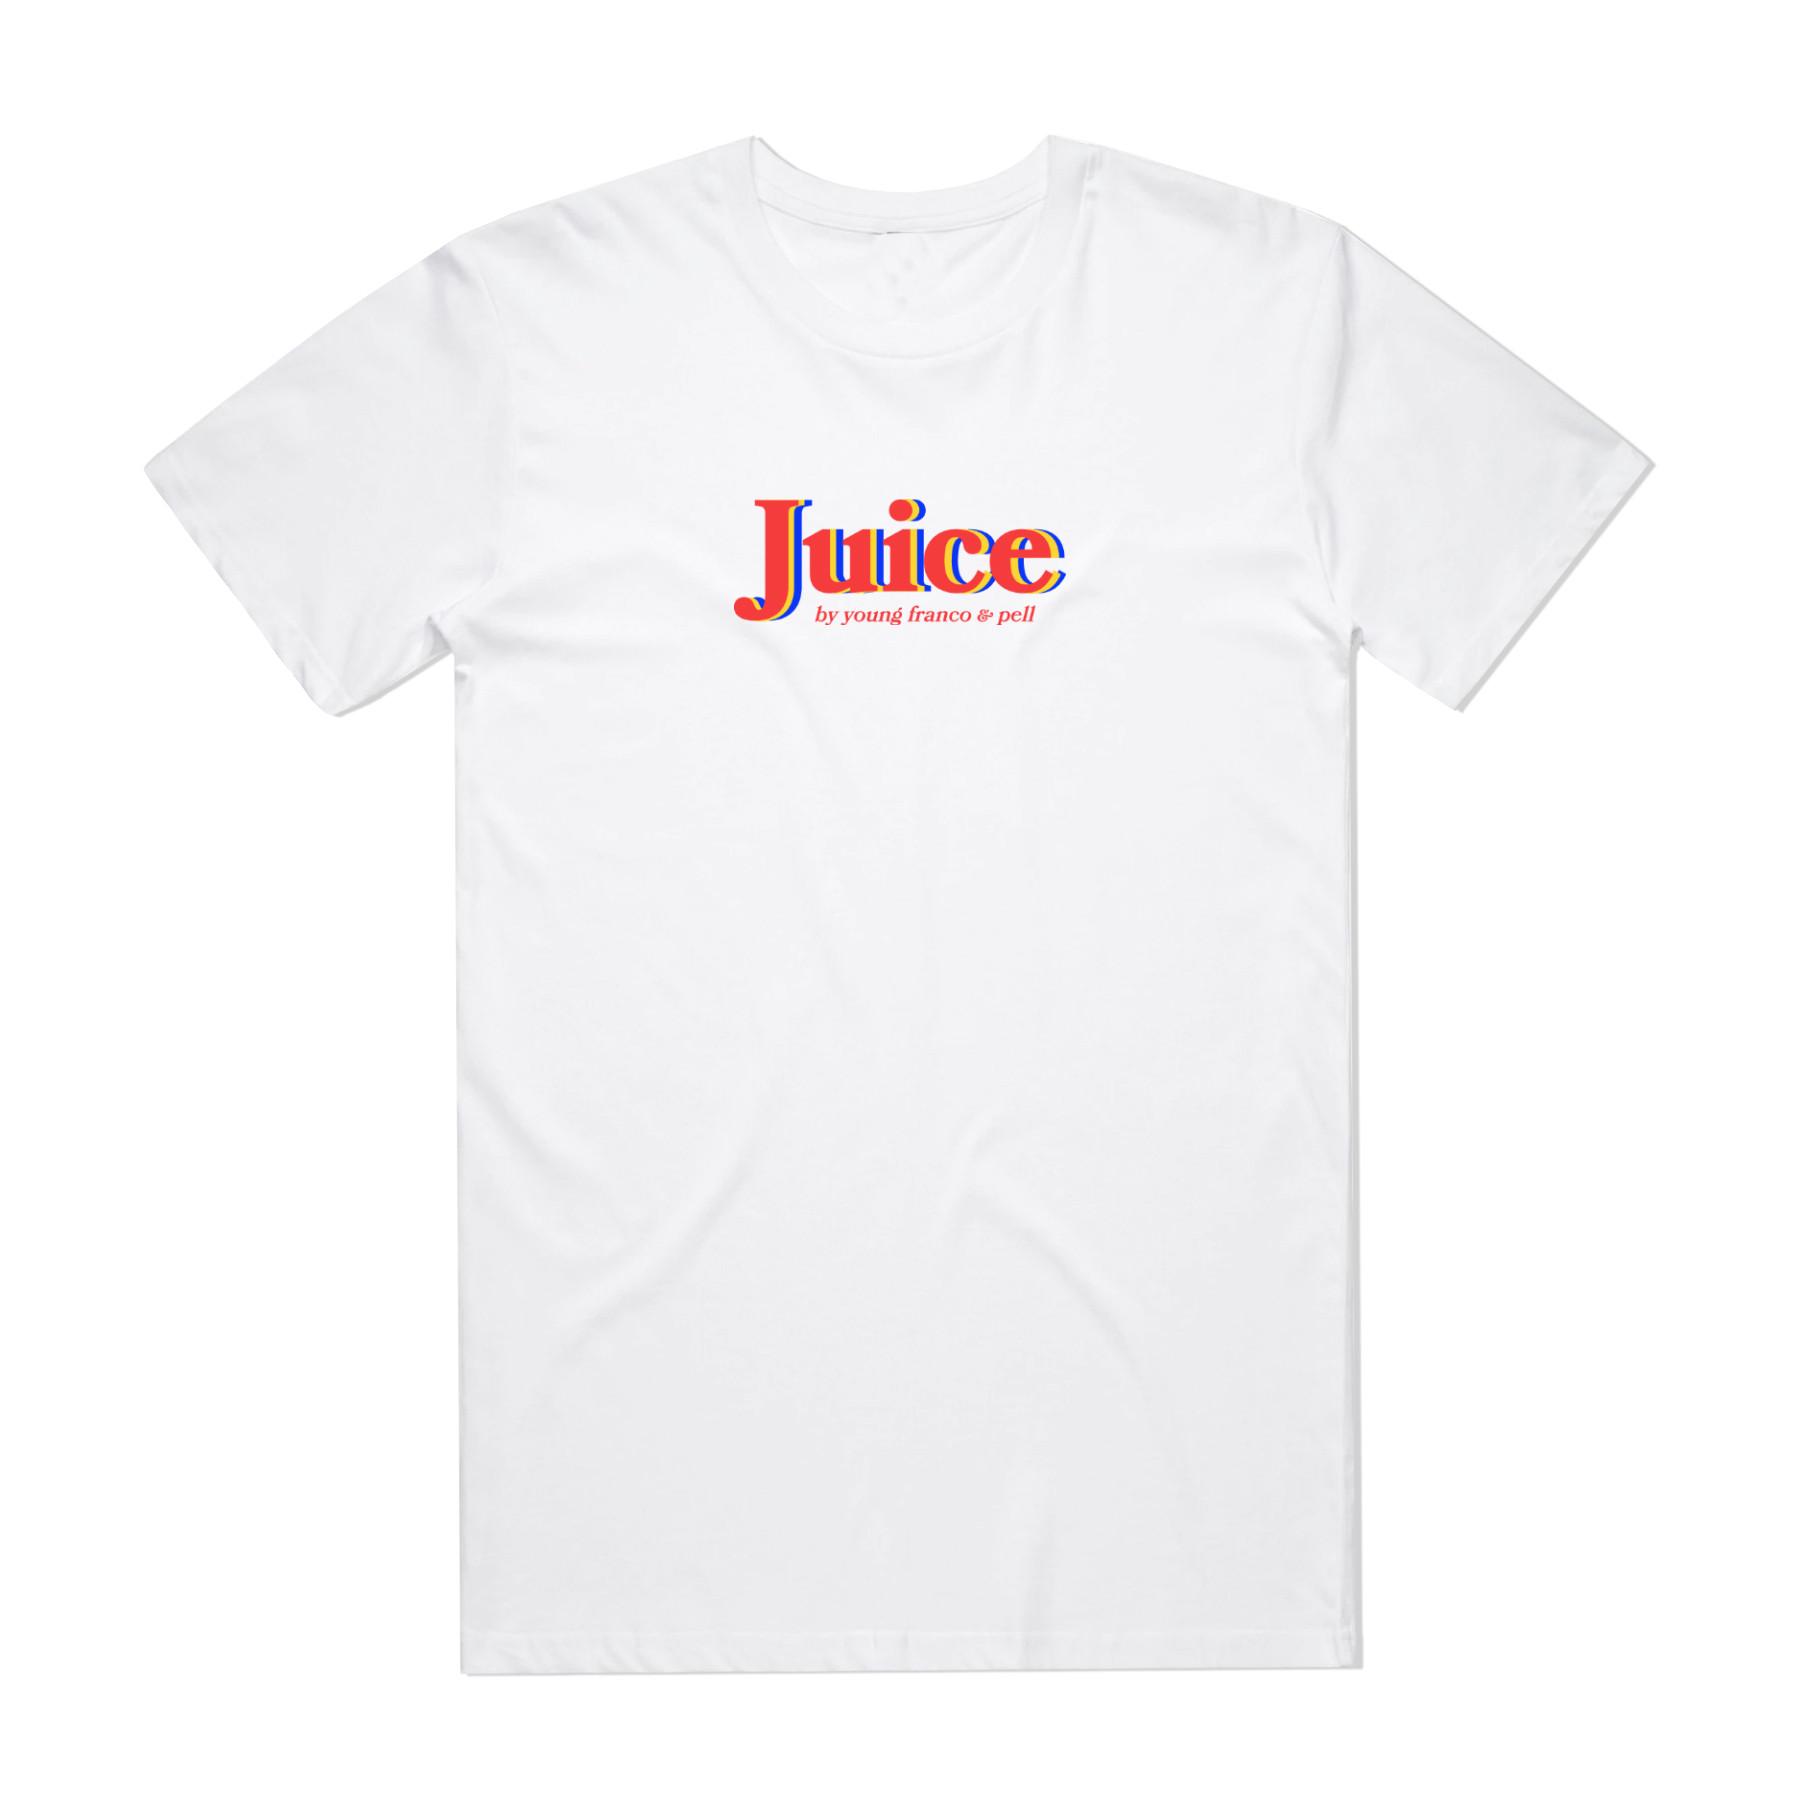 Juice Tee